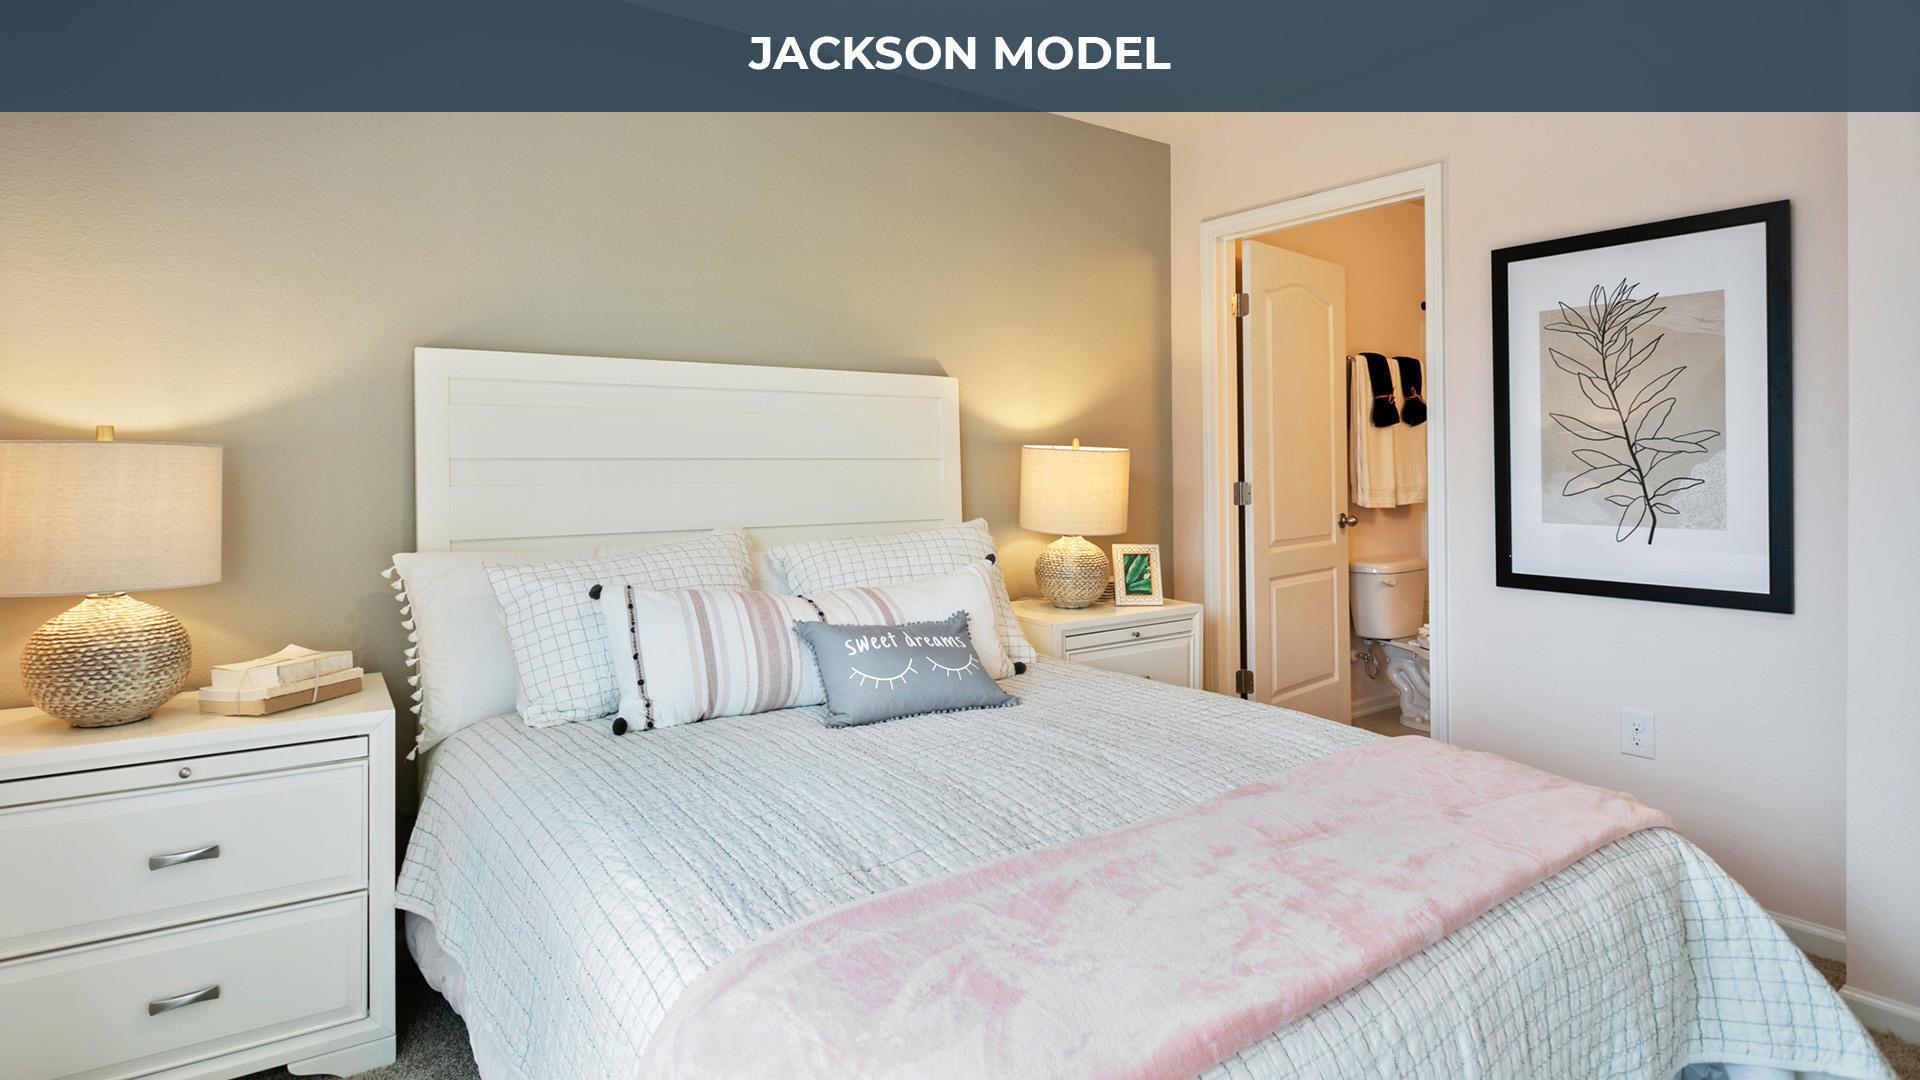 575 OAKLEAF PLANTATION, ORANGE PARK, FLORIDA 32065, 2 Bedrooms Bedrooms, ,2 BathroomsBathrooms,Residential,For sale,OAKLEAF PLANTATION,1105728